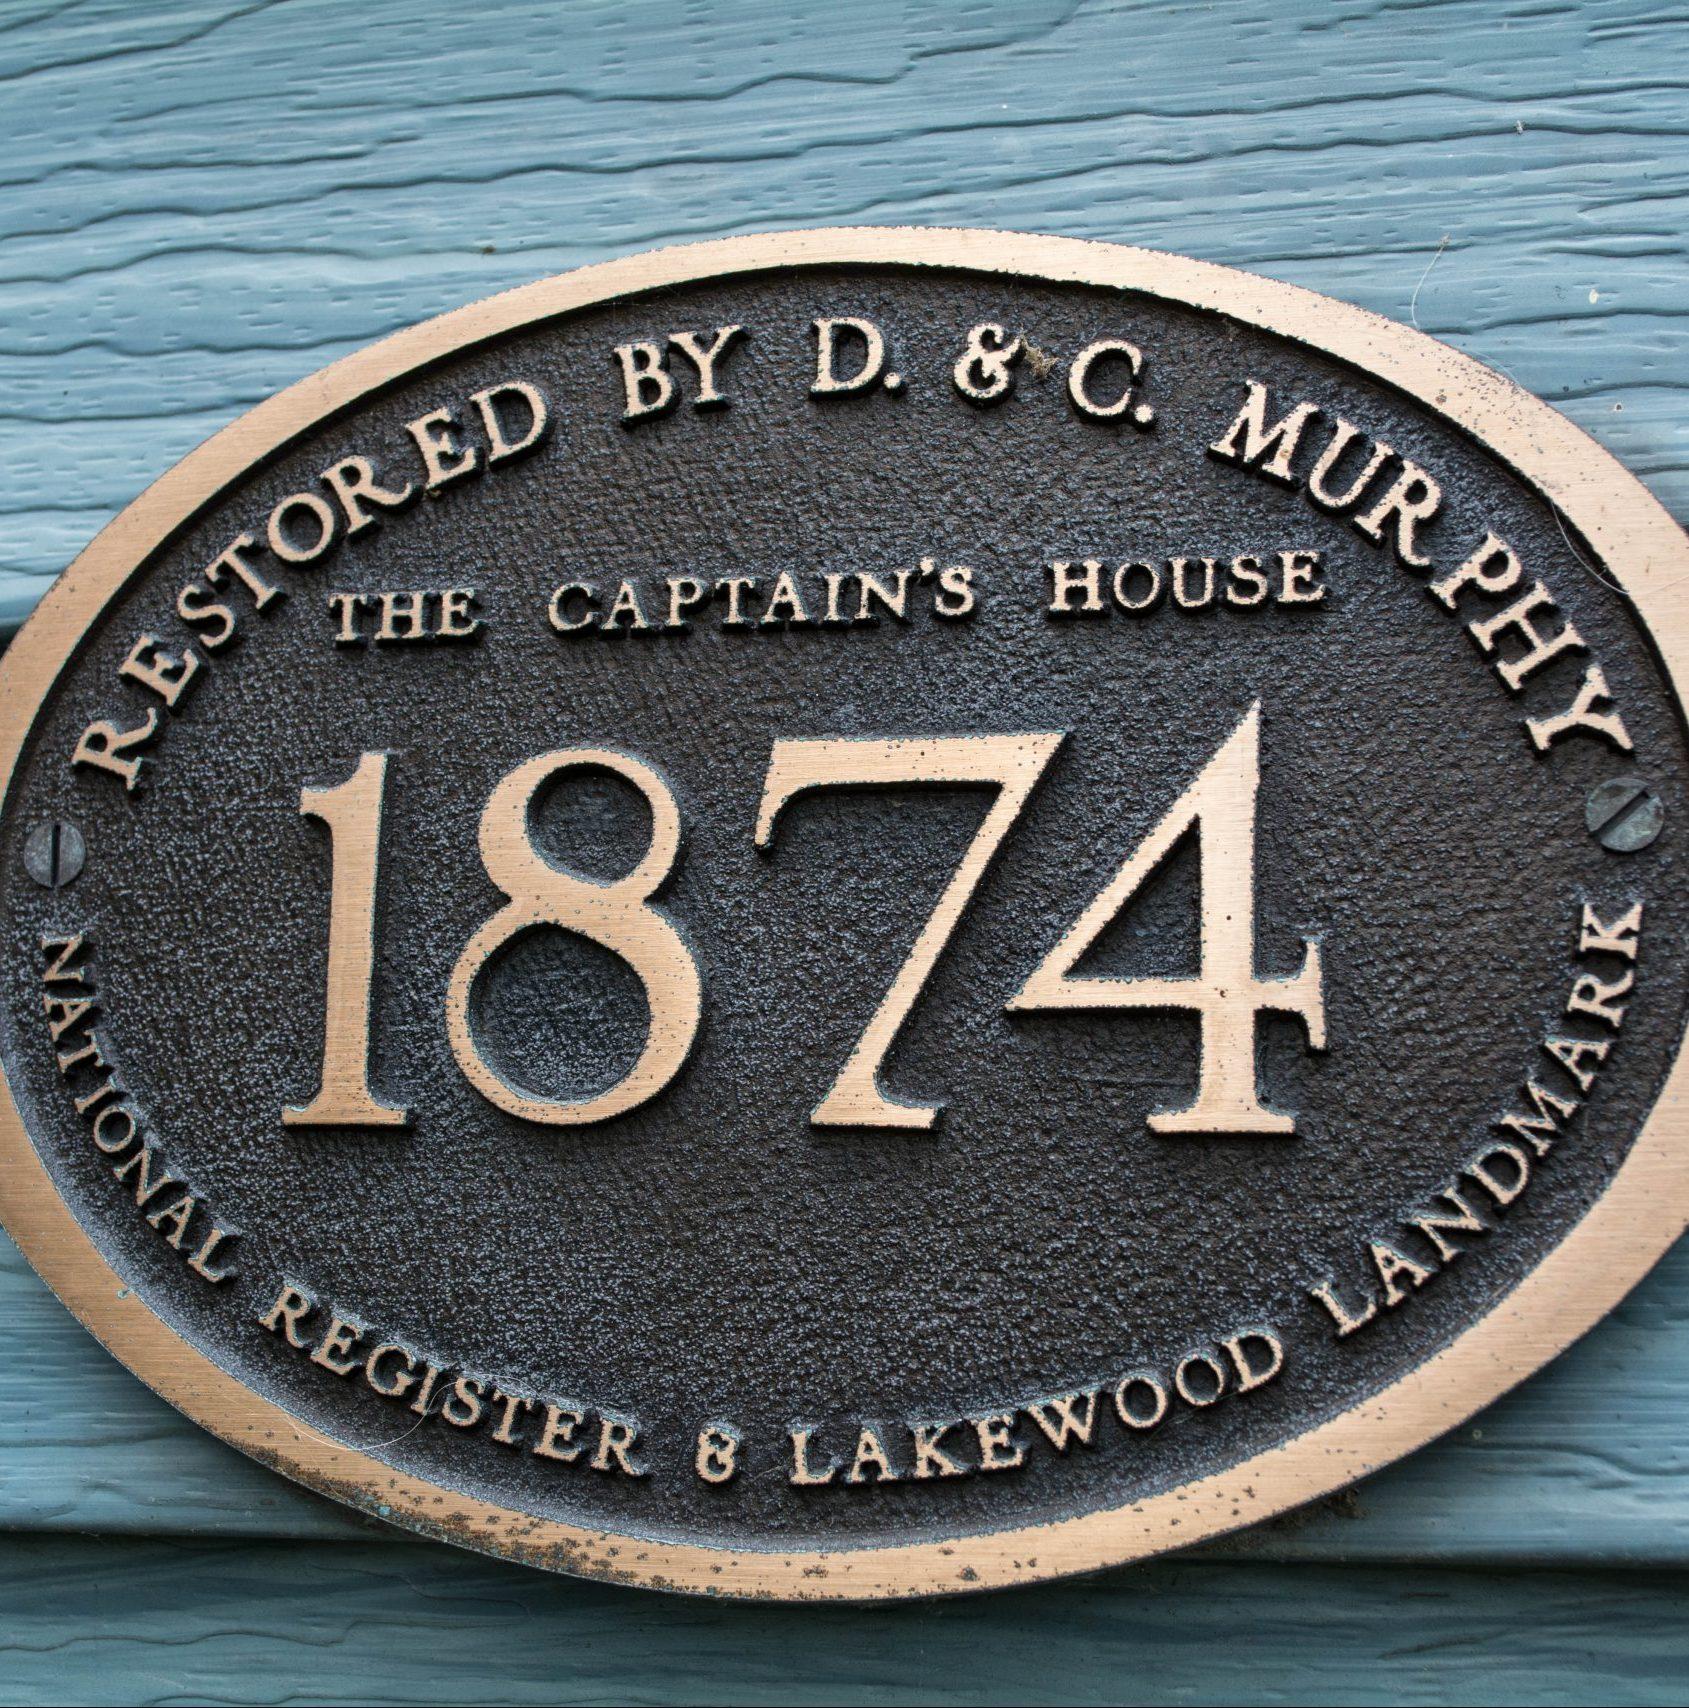 Lakewood family enjoys modern living in historic 'Captain's House'